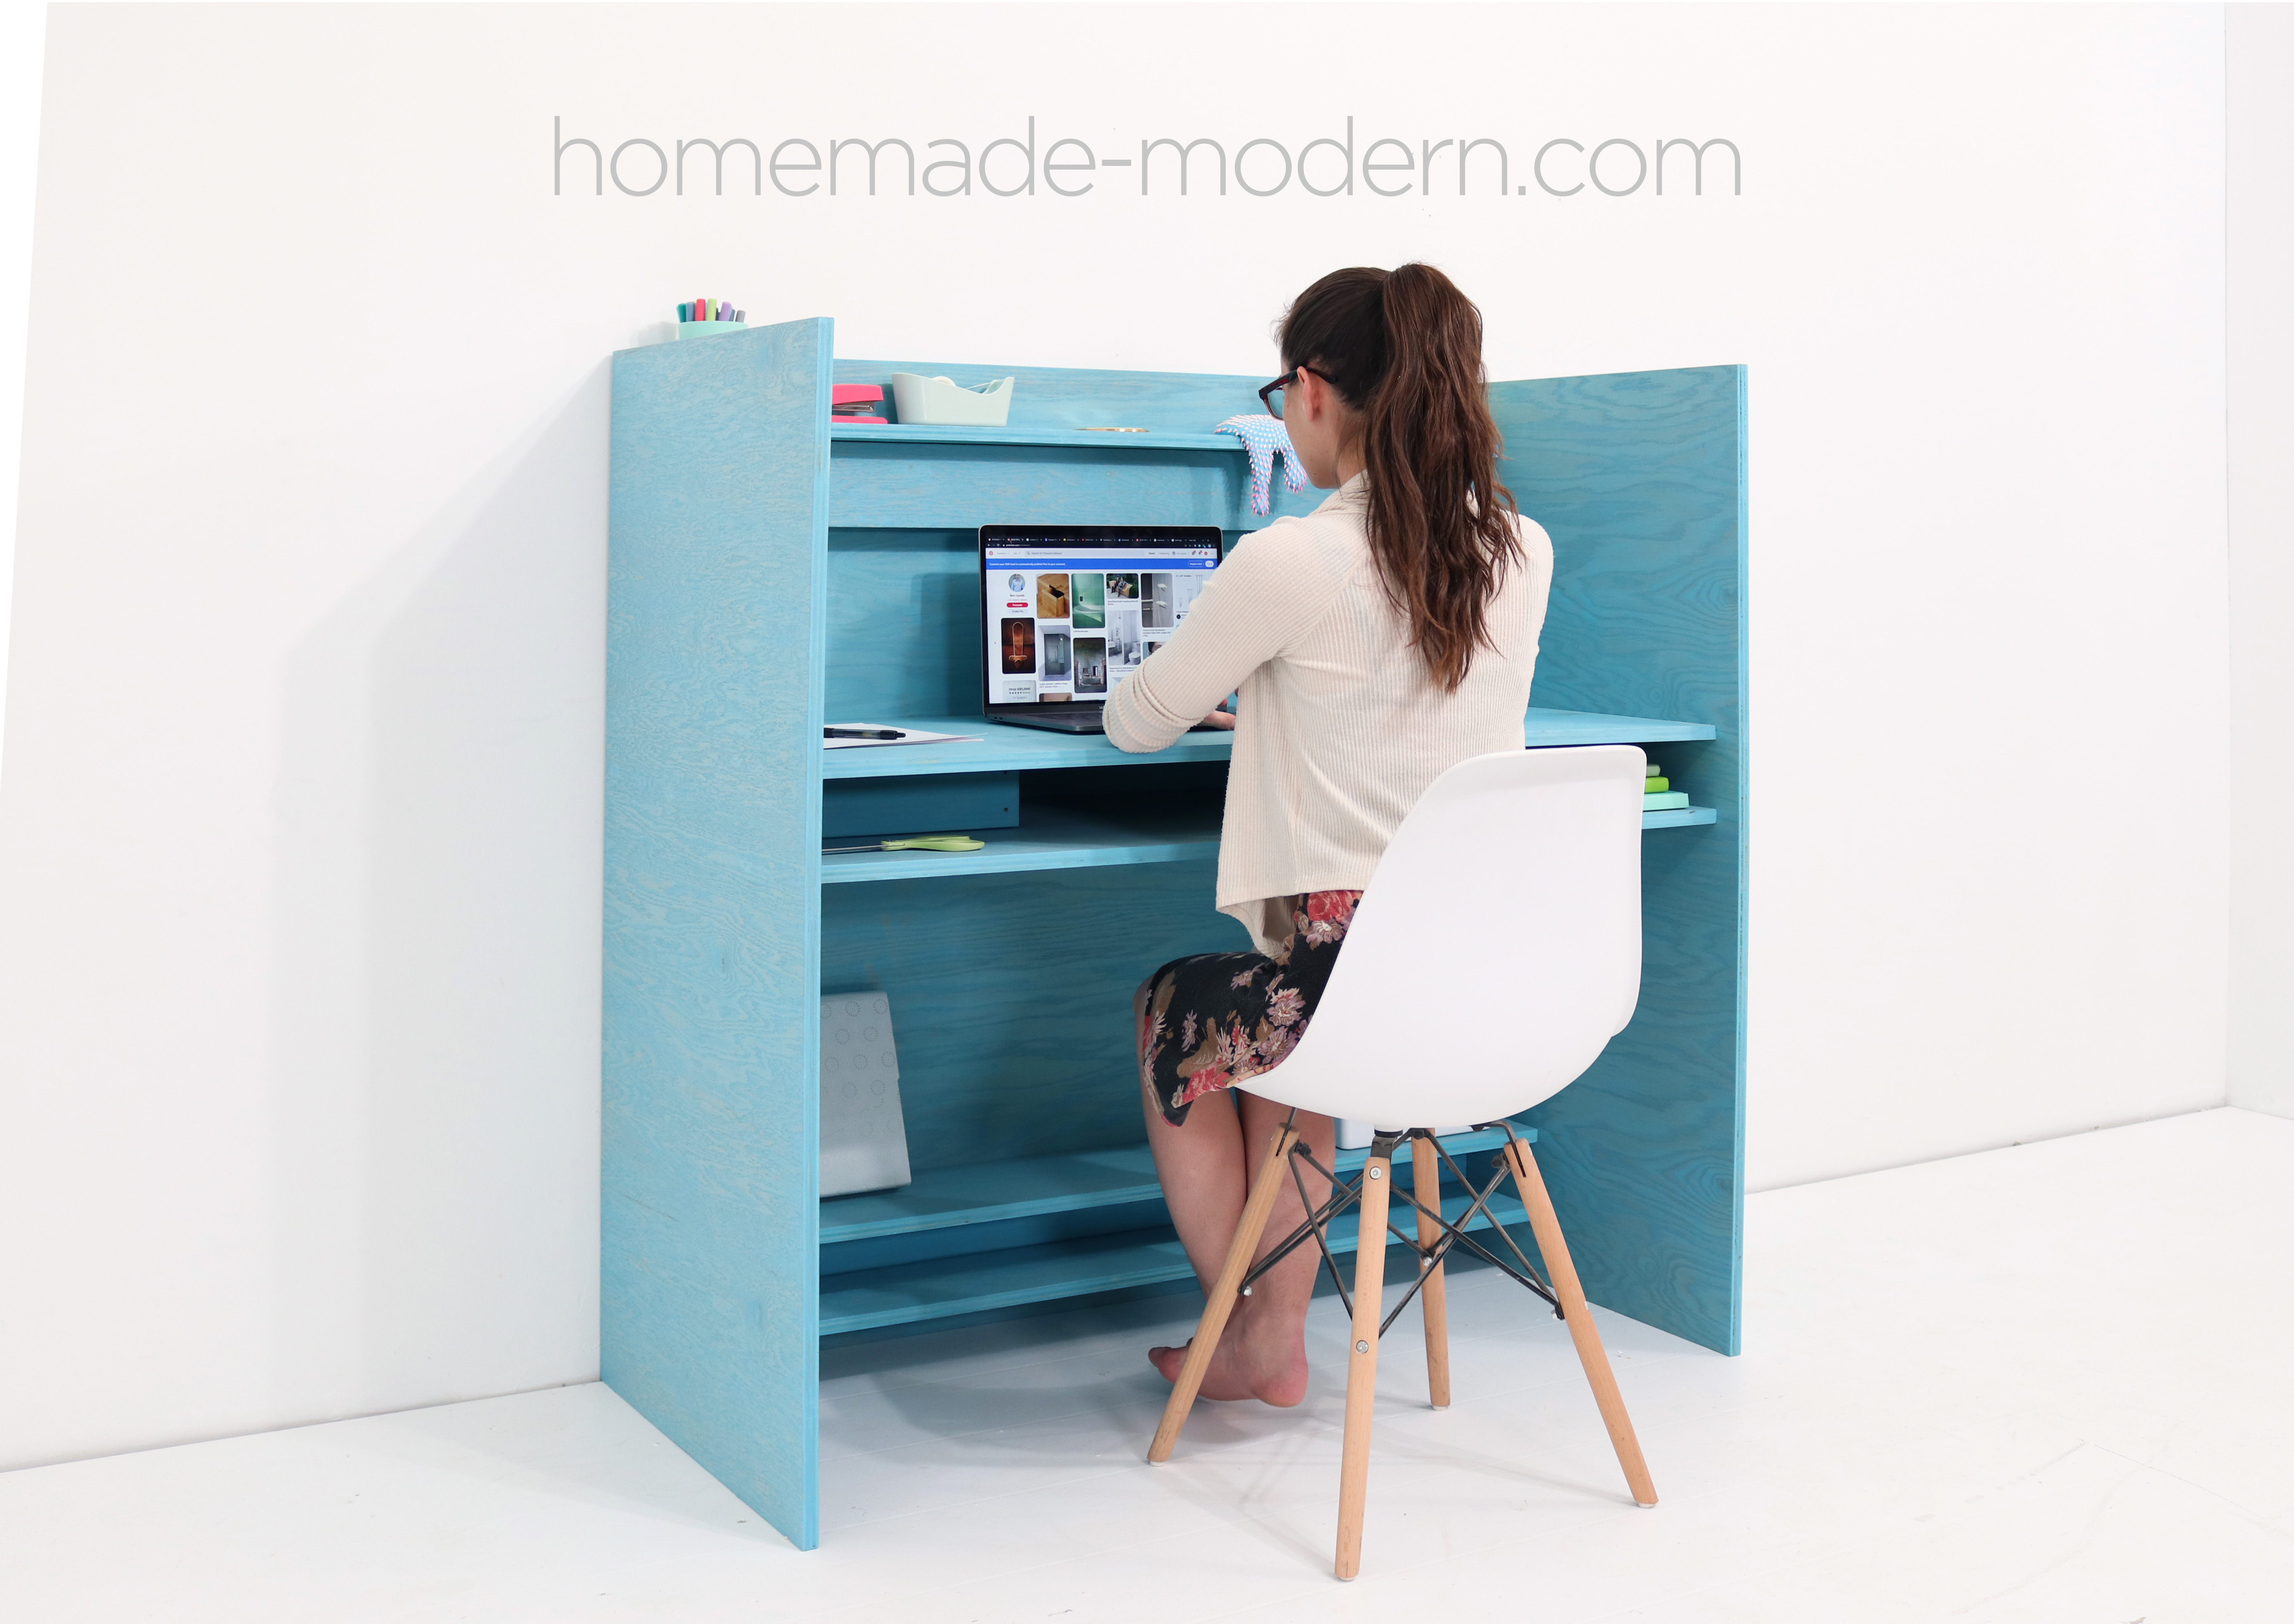 http://www.homemade-modern.com/wp-content/uploads/2020/03/BLUEQDP-002.jpg